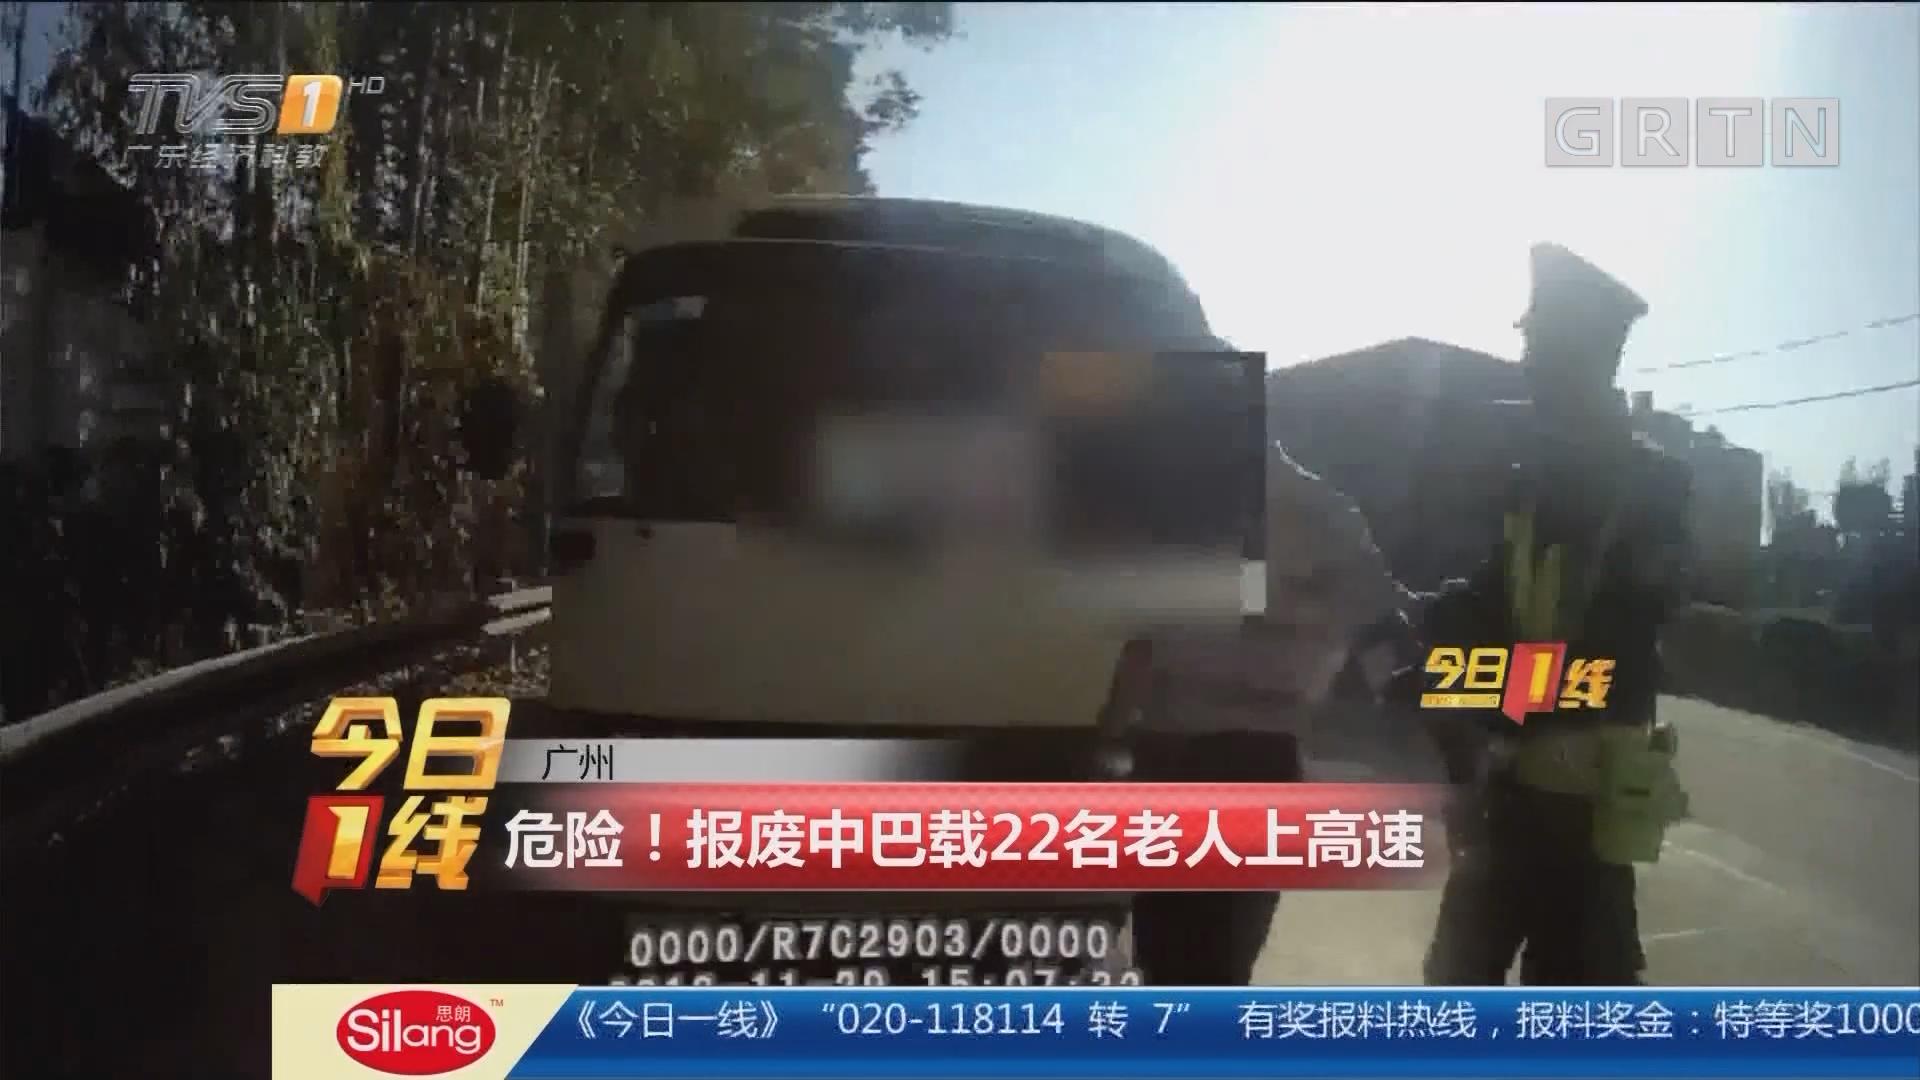 广州:危险!报废中巴载22名老人上高速